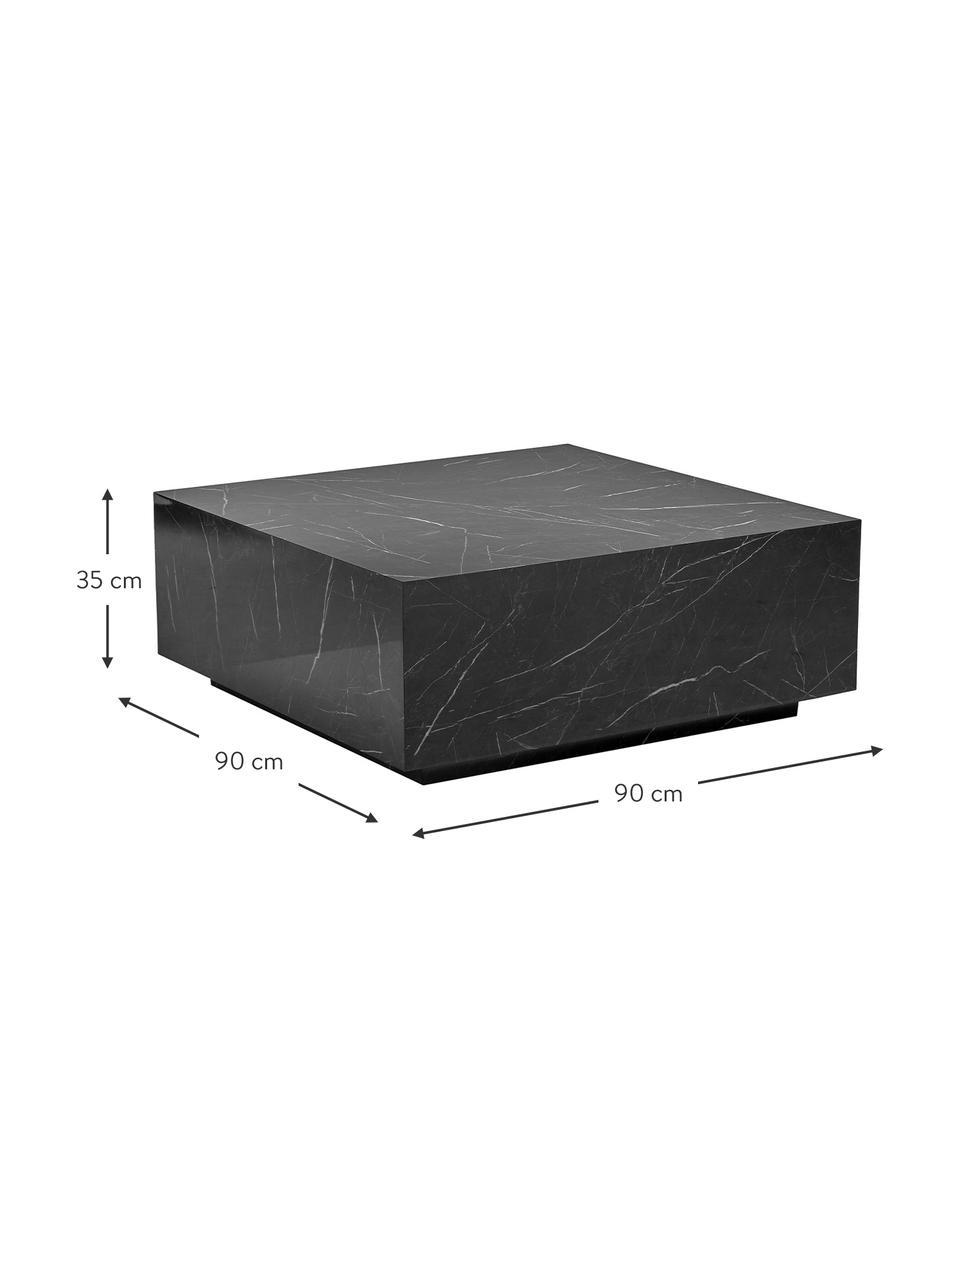 Stolik kawowy z imitacją marmuru Lesley, Płyta pilśniowa średniej gęstości (MDF) pokryta folią melaminową, Czarny, imitacja marmuru, S 90 x W 35 cm